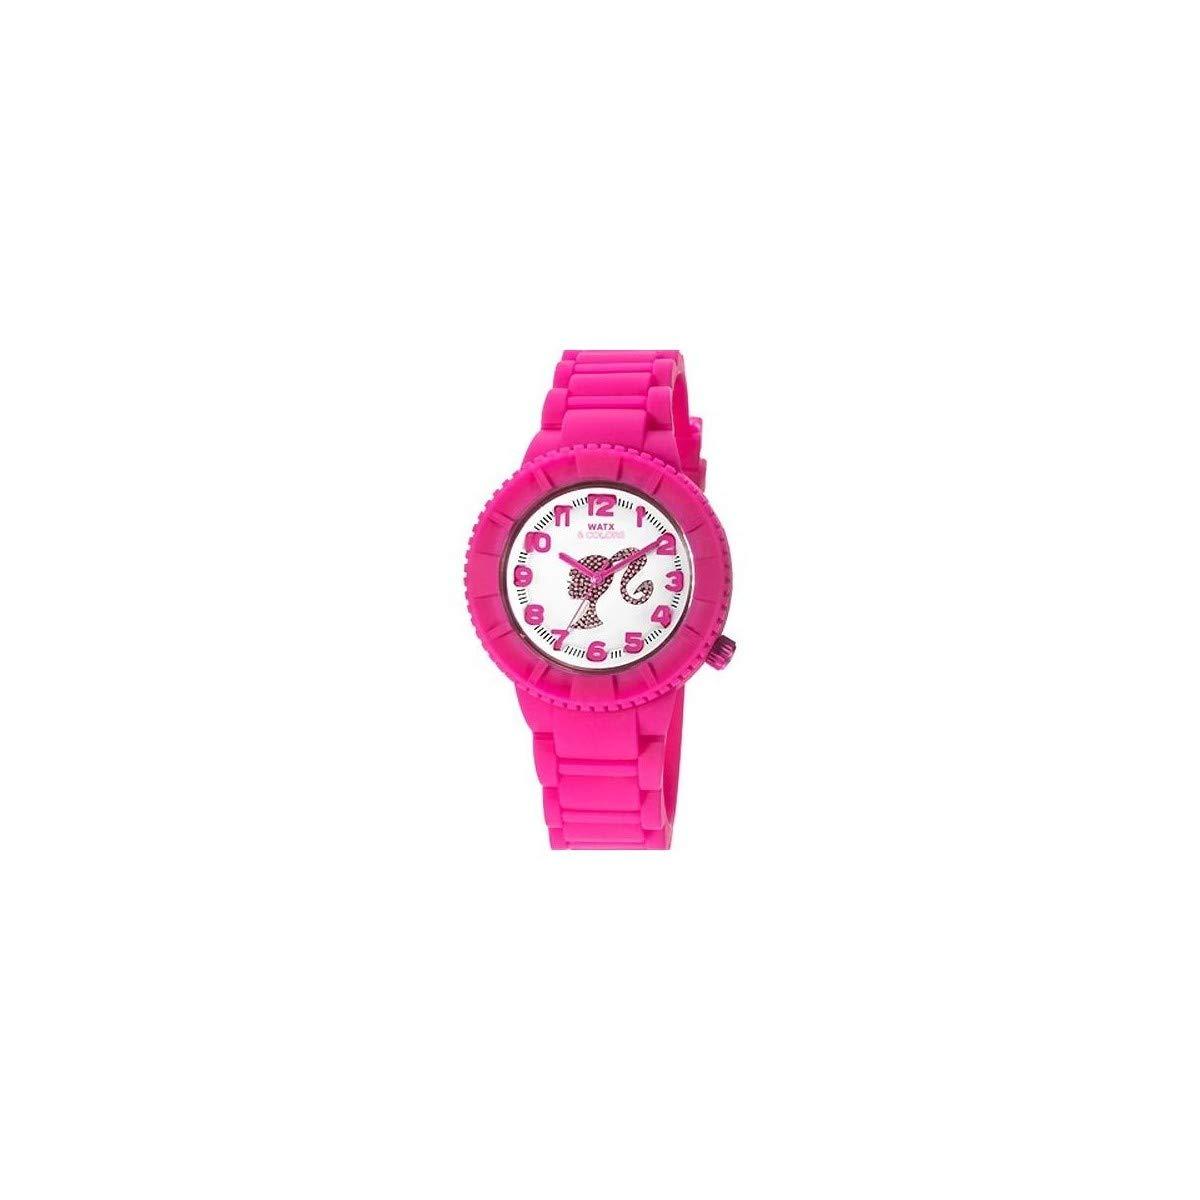 Watx Reloj Análogo clásico para Mujer de Cuarzo con Correa en Caucho RWA1151: Amazon.es: Relojes